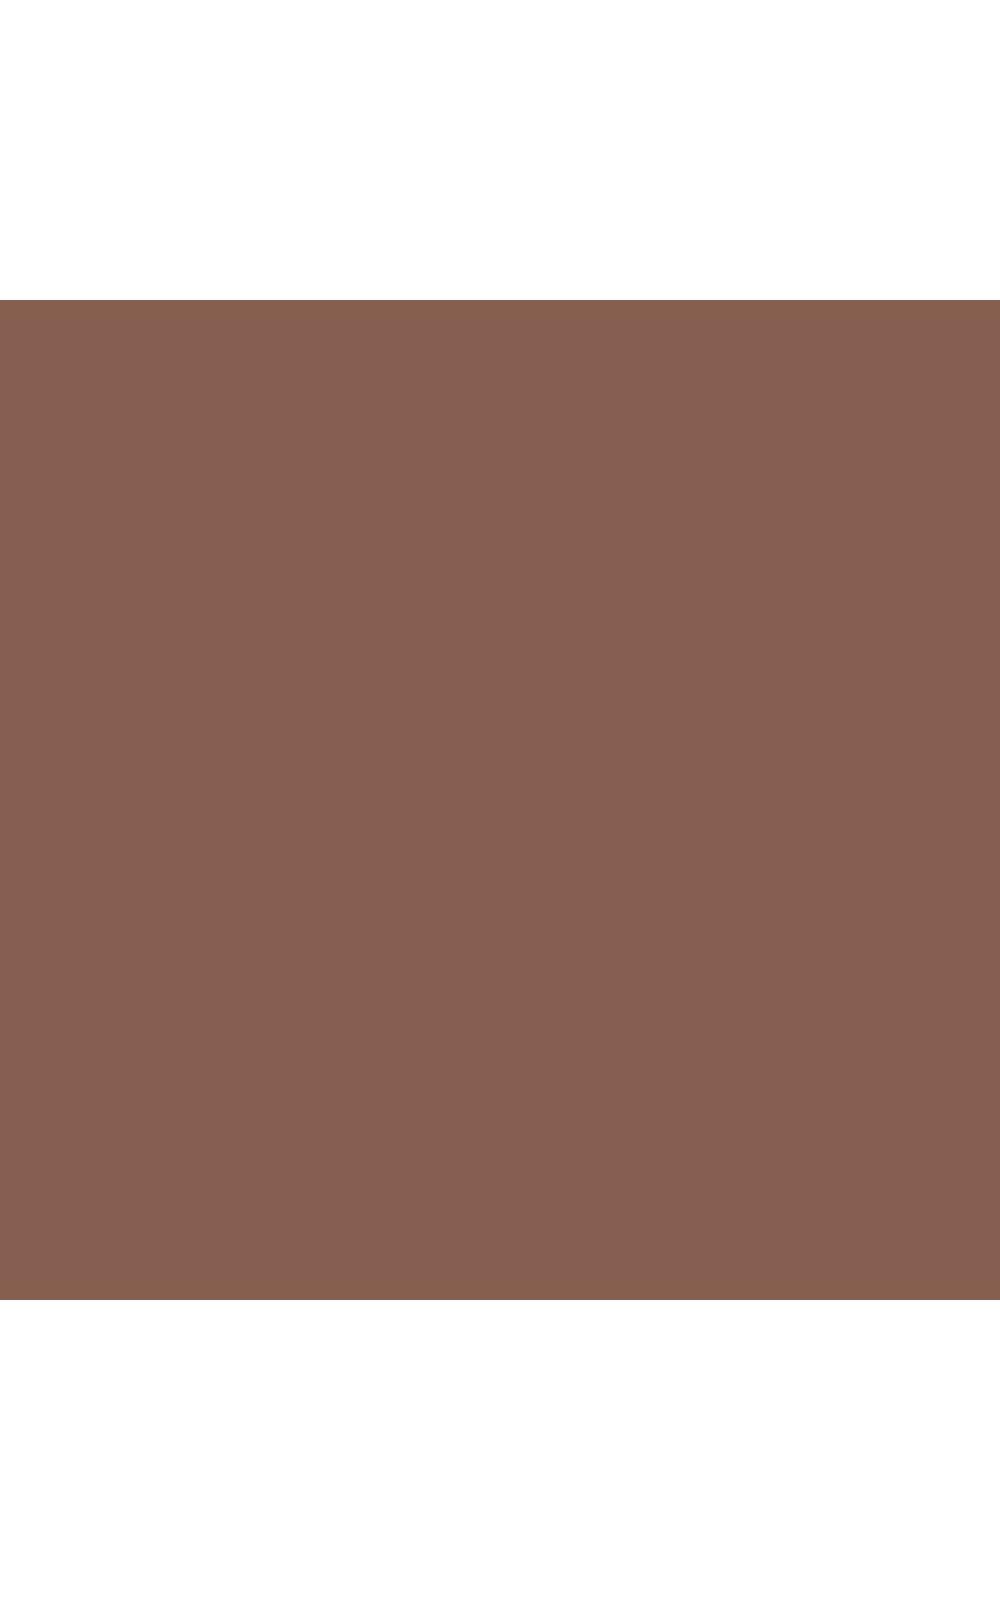 Foto 3 - Sutiã Top Tiras Tule Chocolate